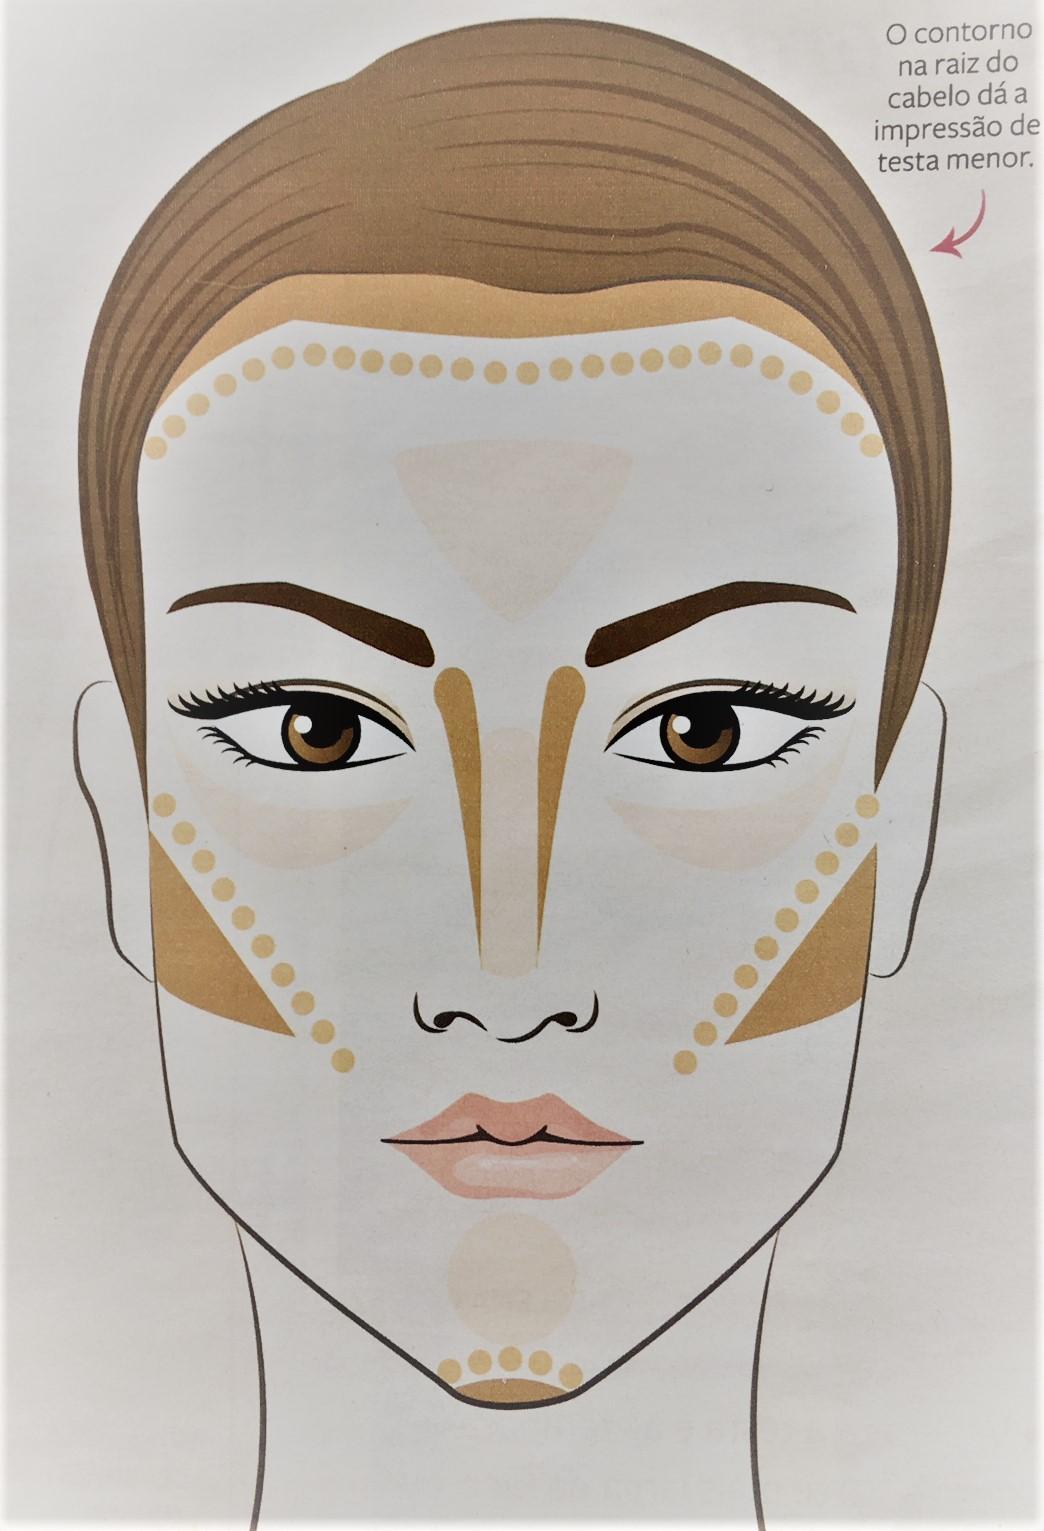 Como fazer contorno de maquiagem no rosto retangular.